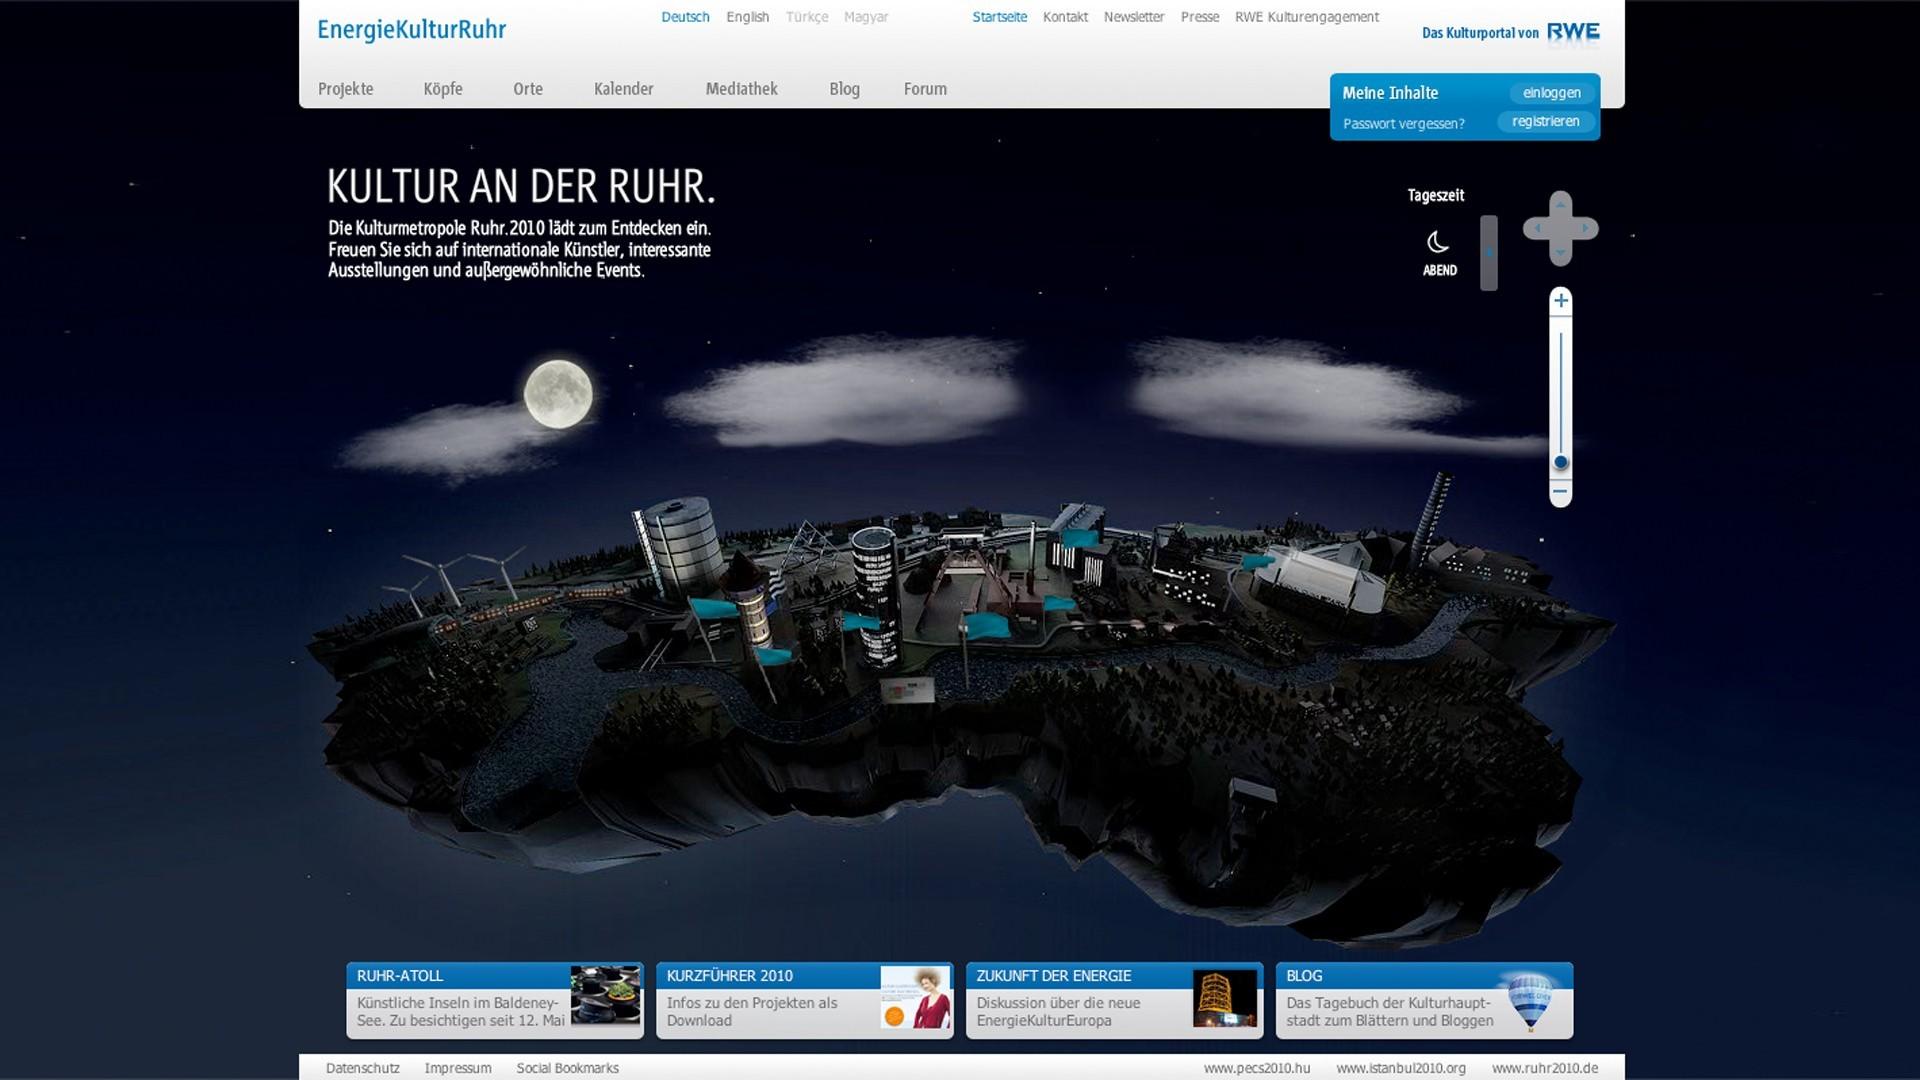 rwe 2 - Webspecial RWE